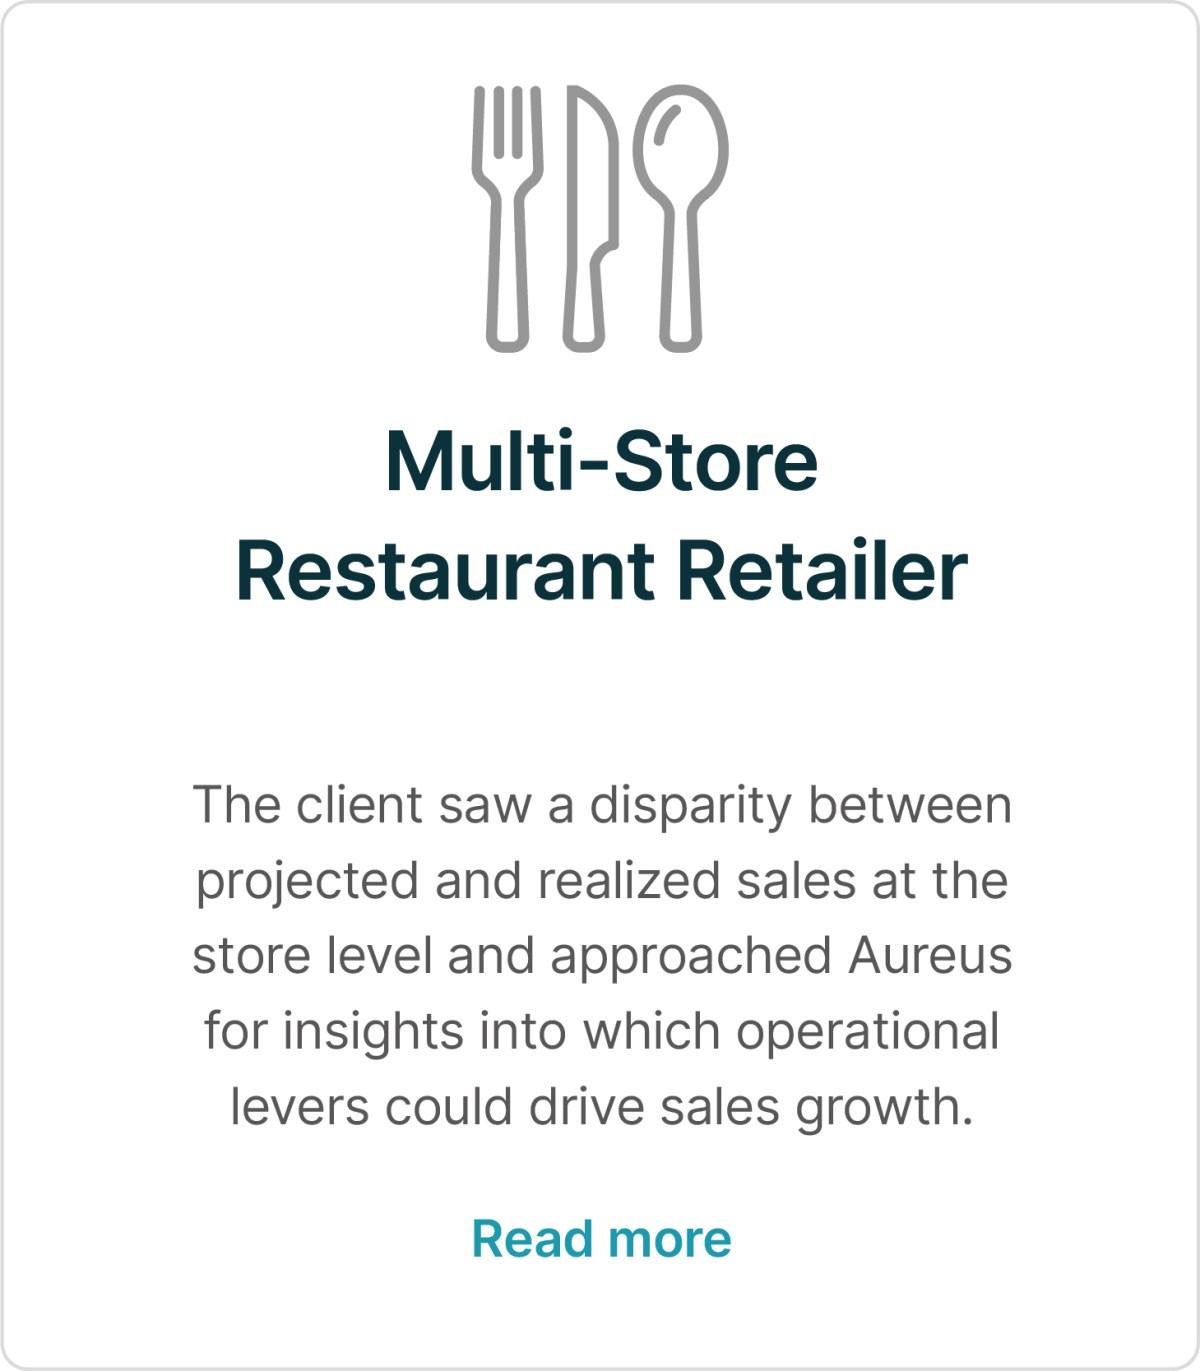 Multi-Store-Restaurant-Retailer